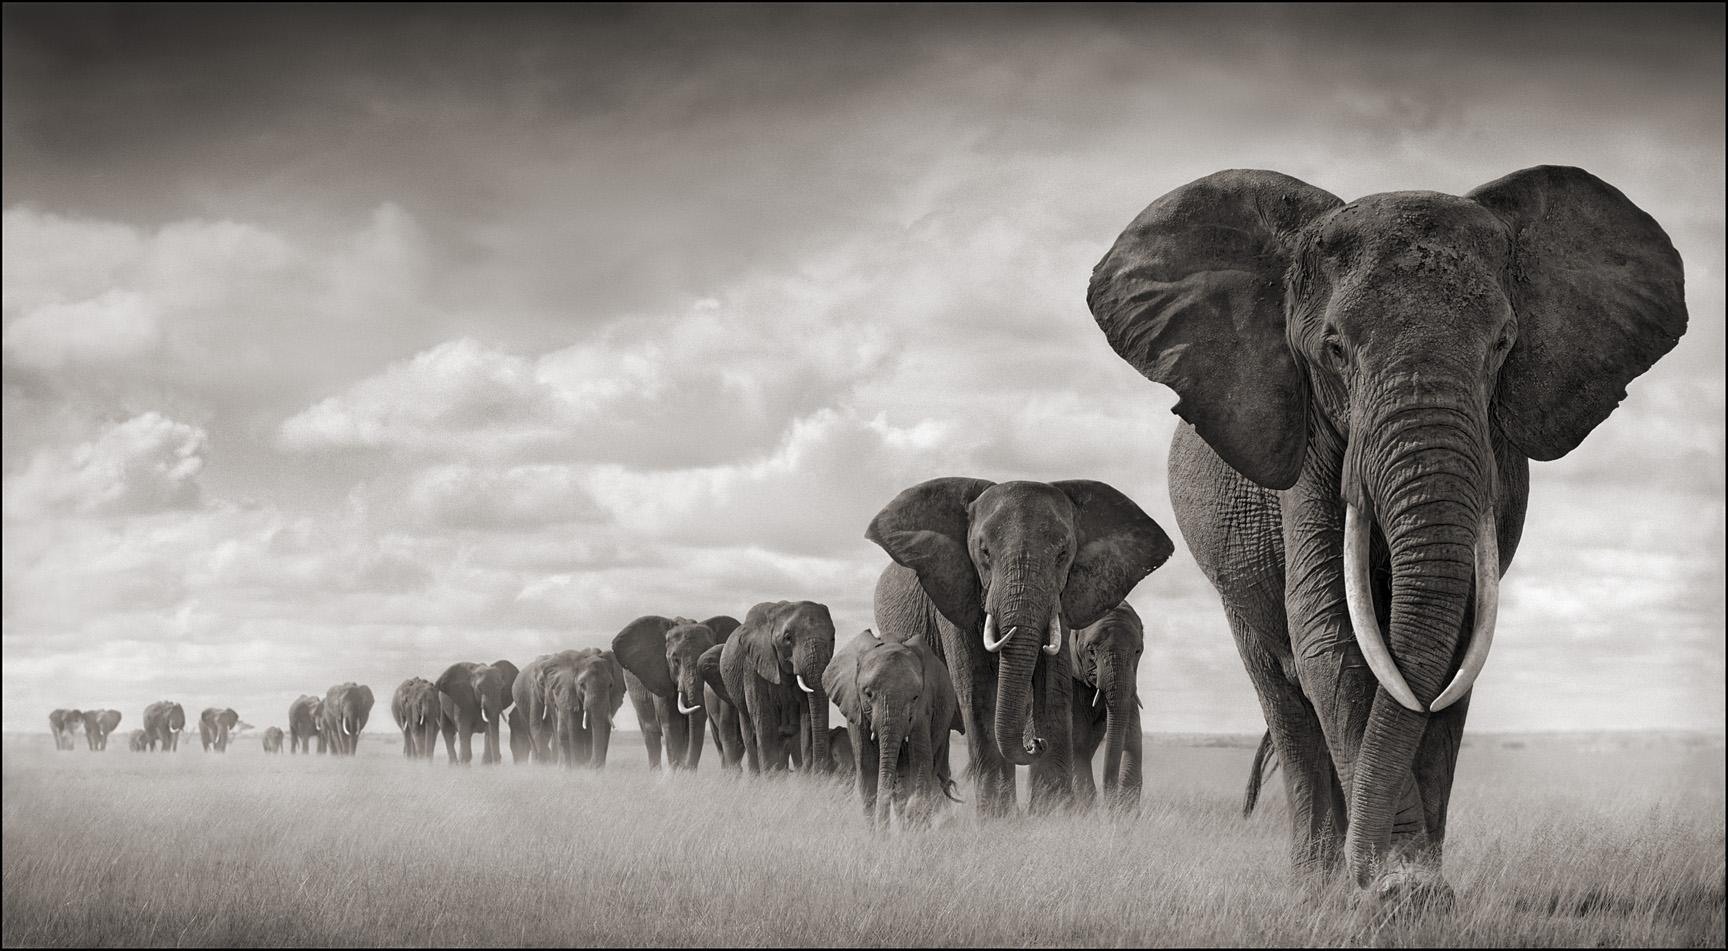 caccia agli elefanti zimbabwe Montefeltro